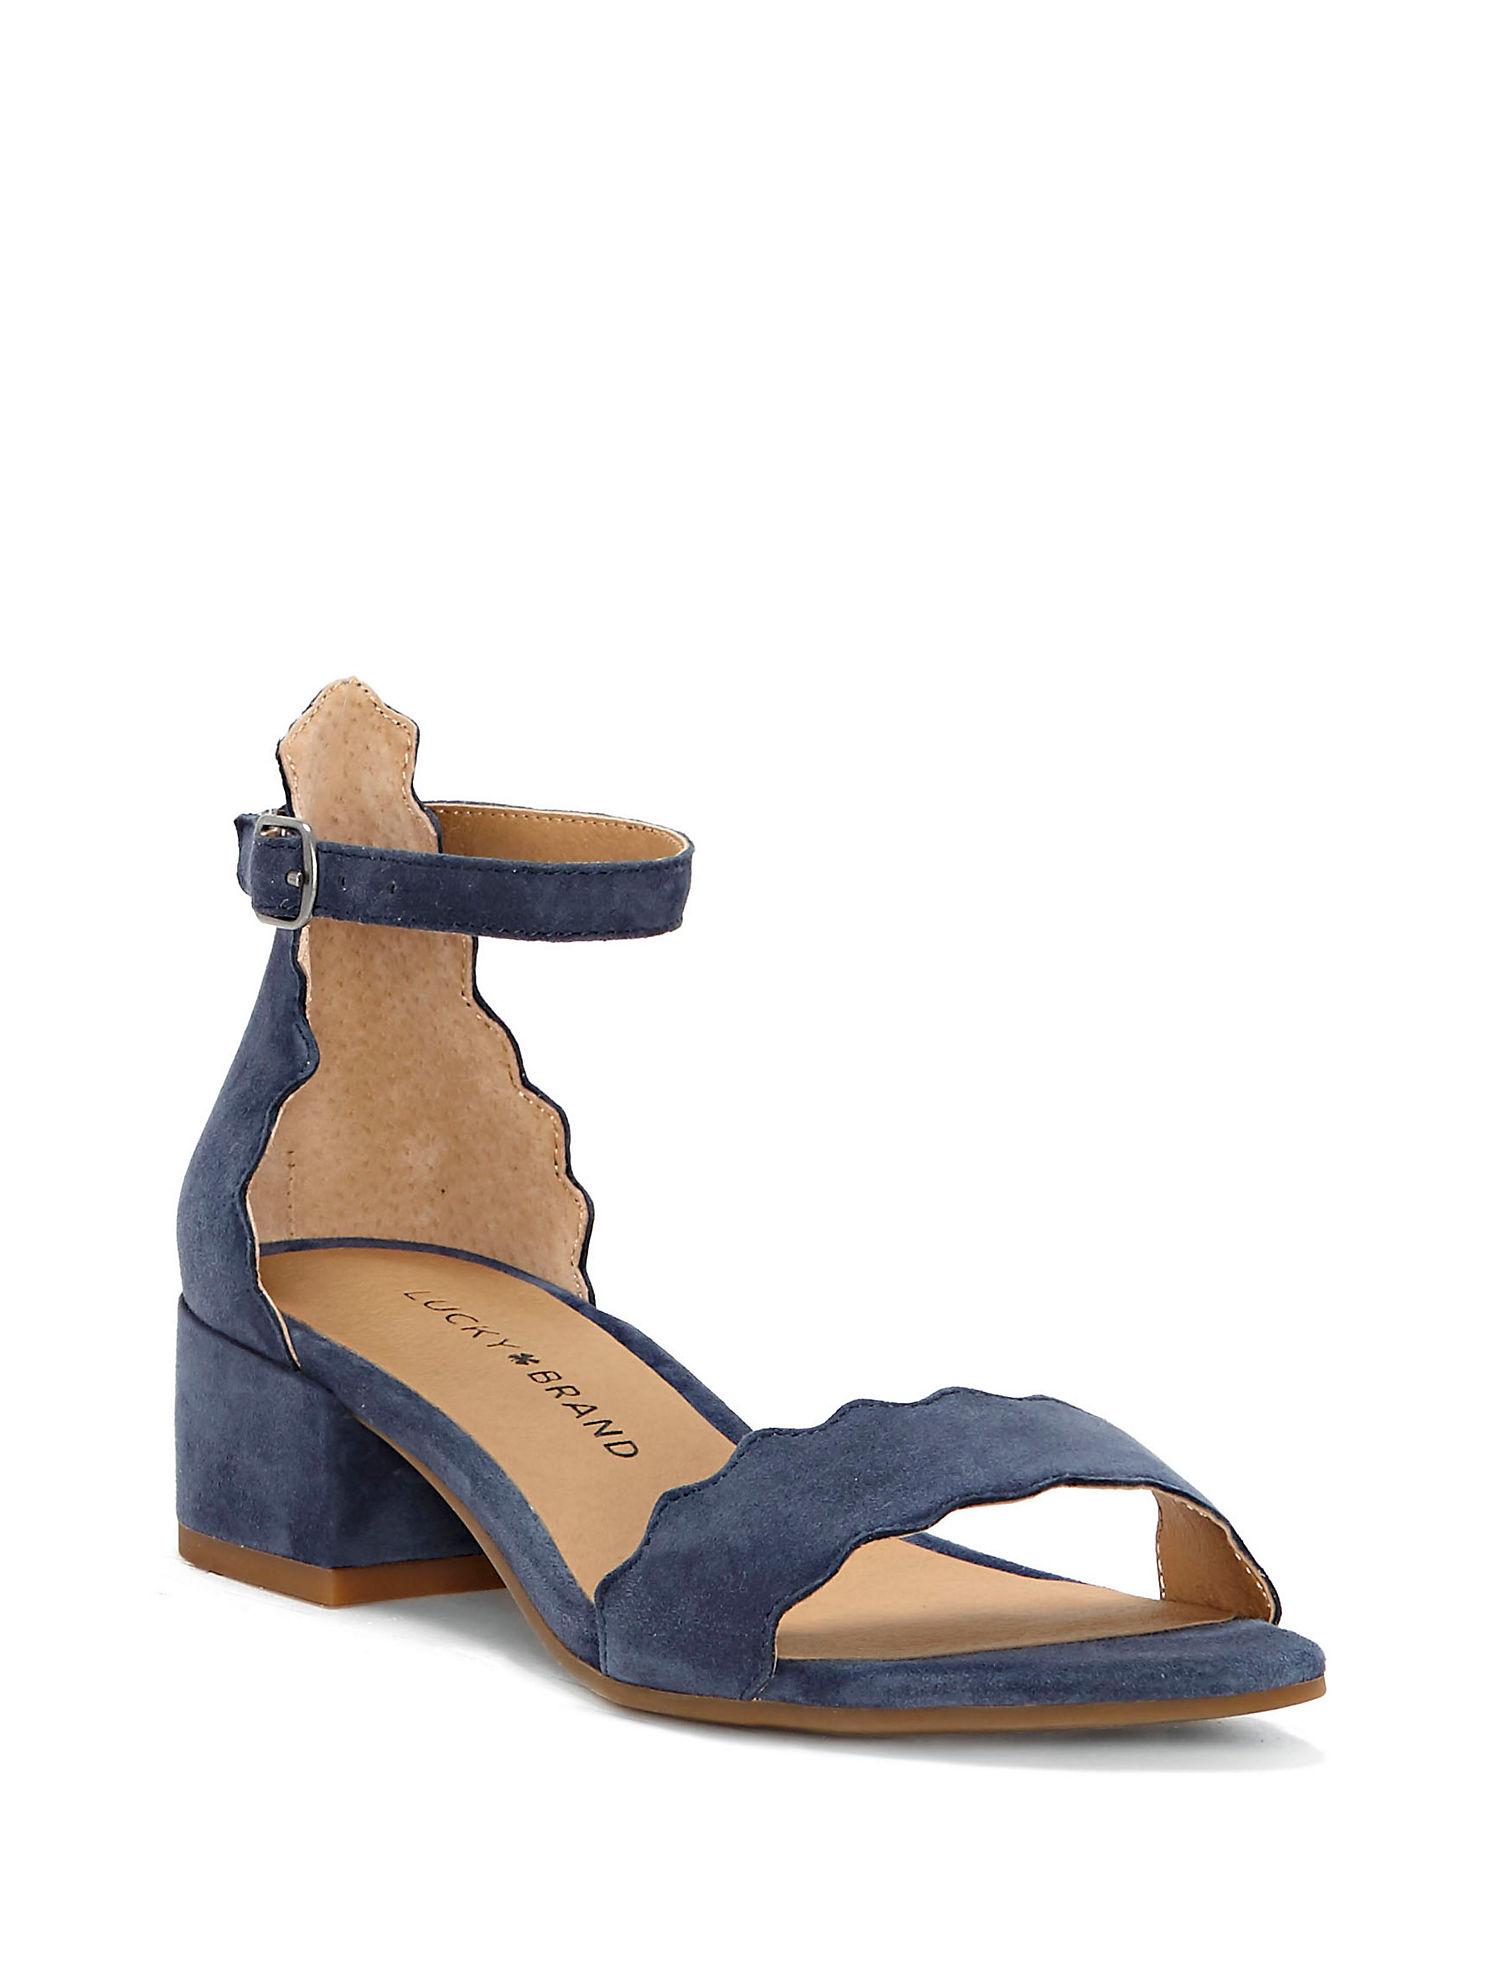 Ankle Brand Strap Lucky Norreys Sandalwomen's CxBoeQrdWE